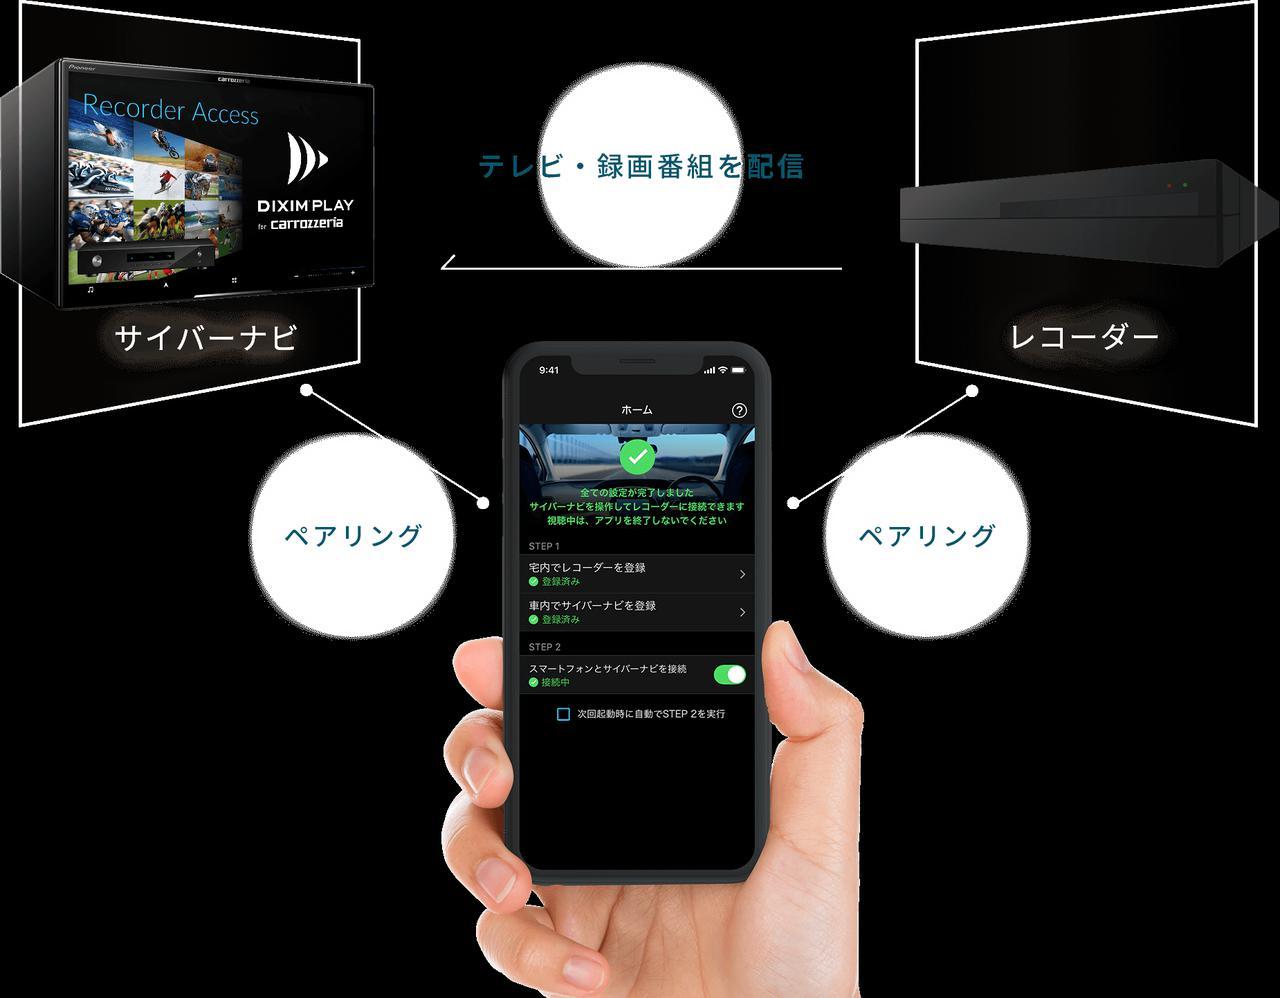 画像: DiXiM Play for carrozzeria | カーナビでテレビ録画番組を楽しもう